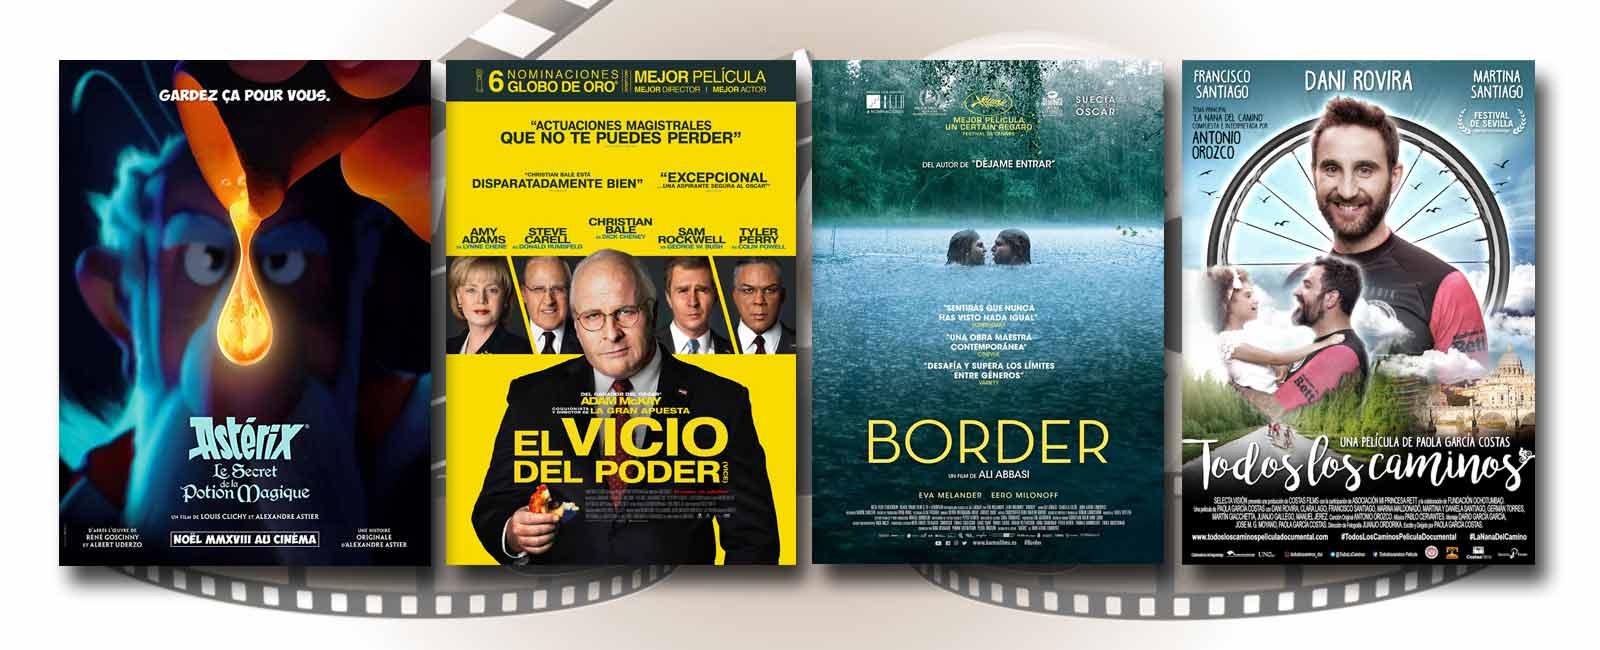 Estrenos de Cine de la Semana… 11 de Enero 2019